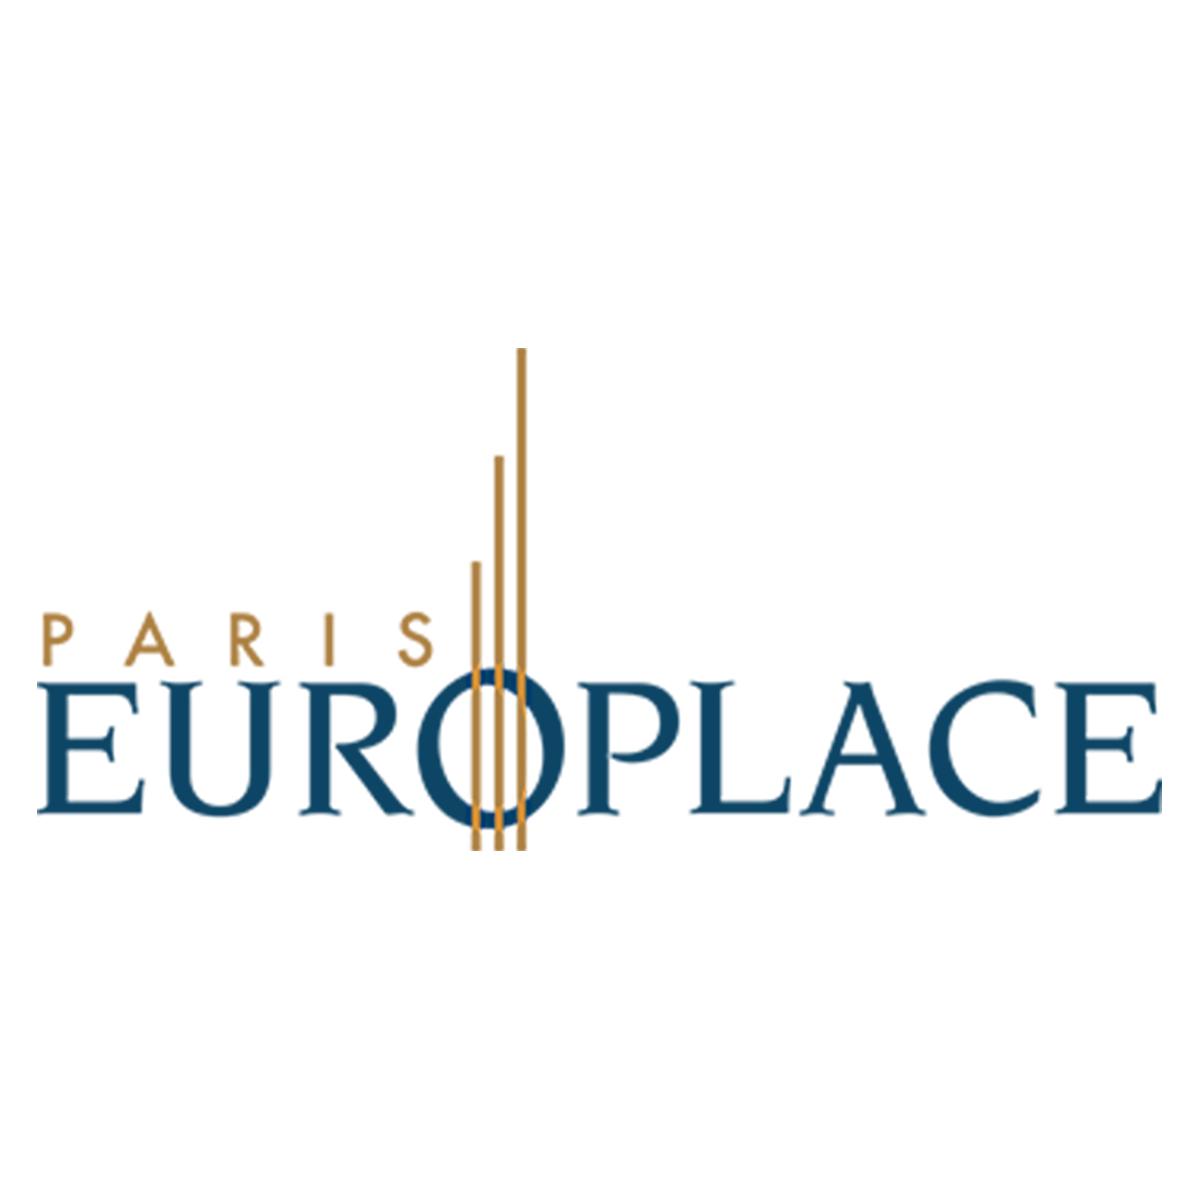 B-Paris Europlace.jpg